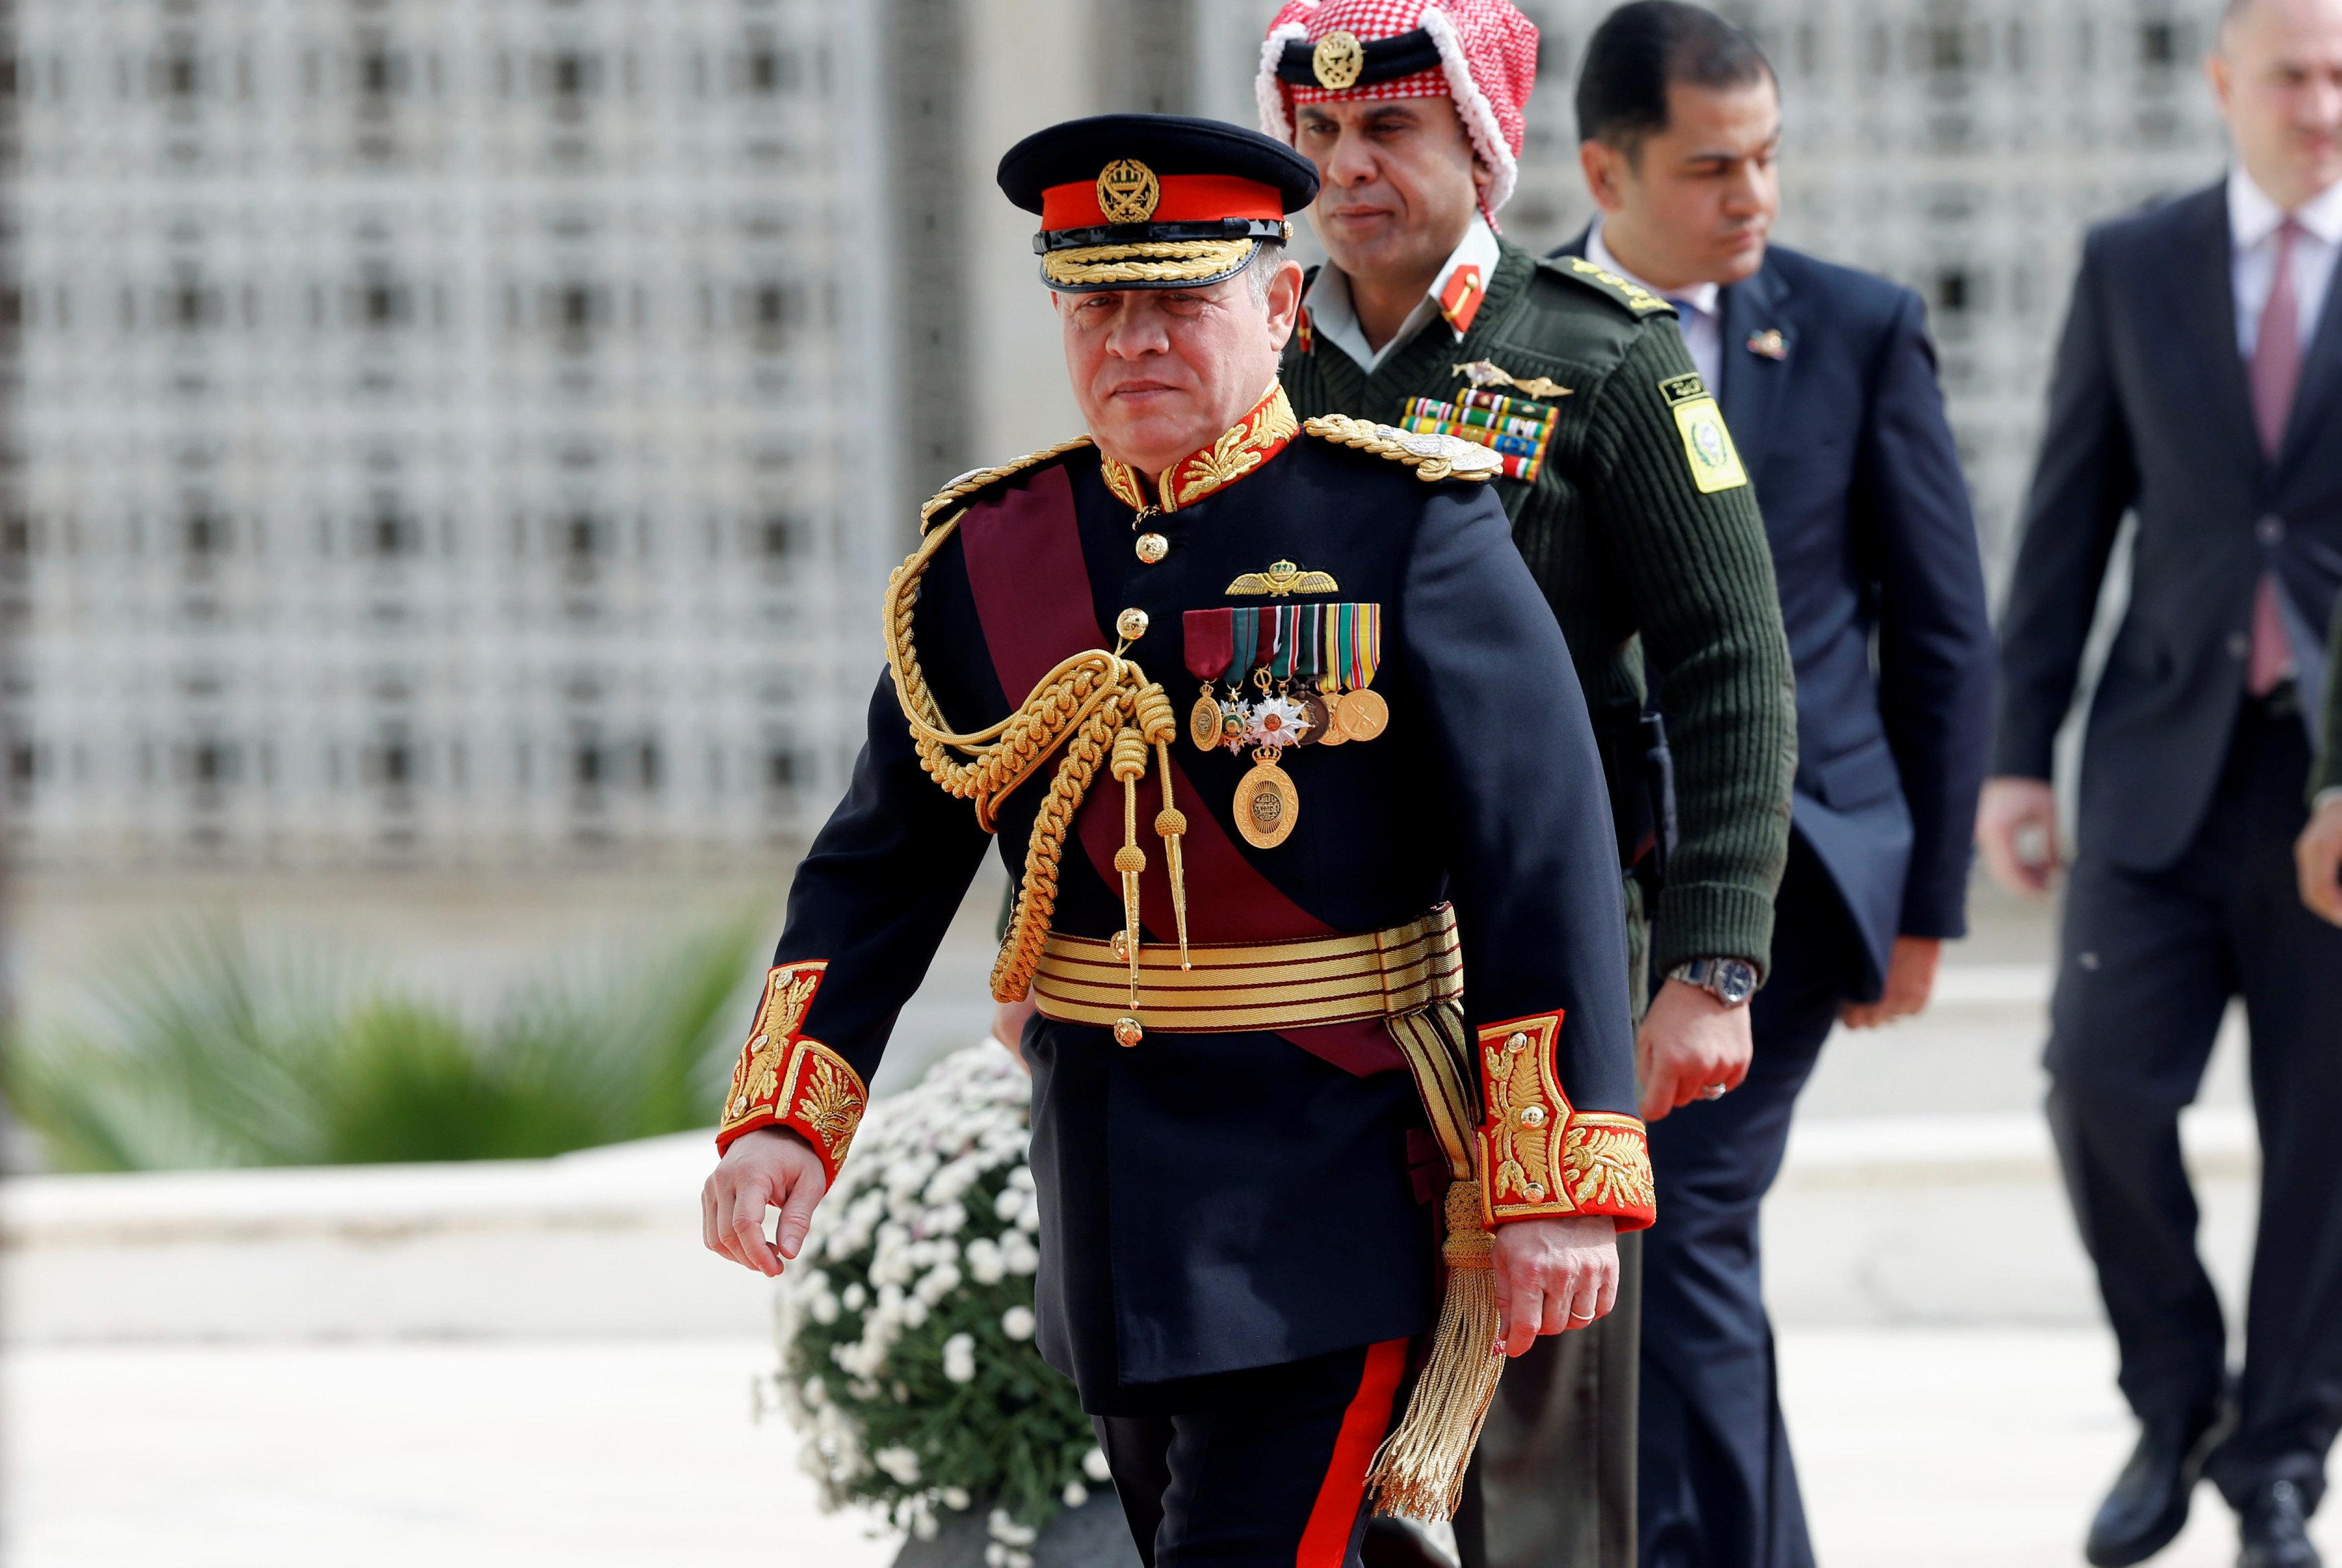 Πολιτική κρίση στην Ιορδανία εξαιτίας των μέτρων λιτότητας του ΔΝΤ. Ο βασιλιάς θα ζητήσει την παραίτηση του